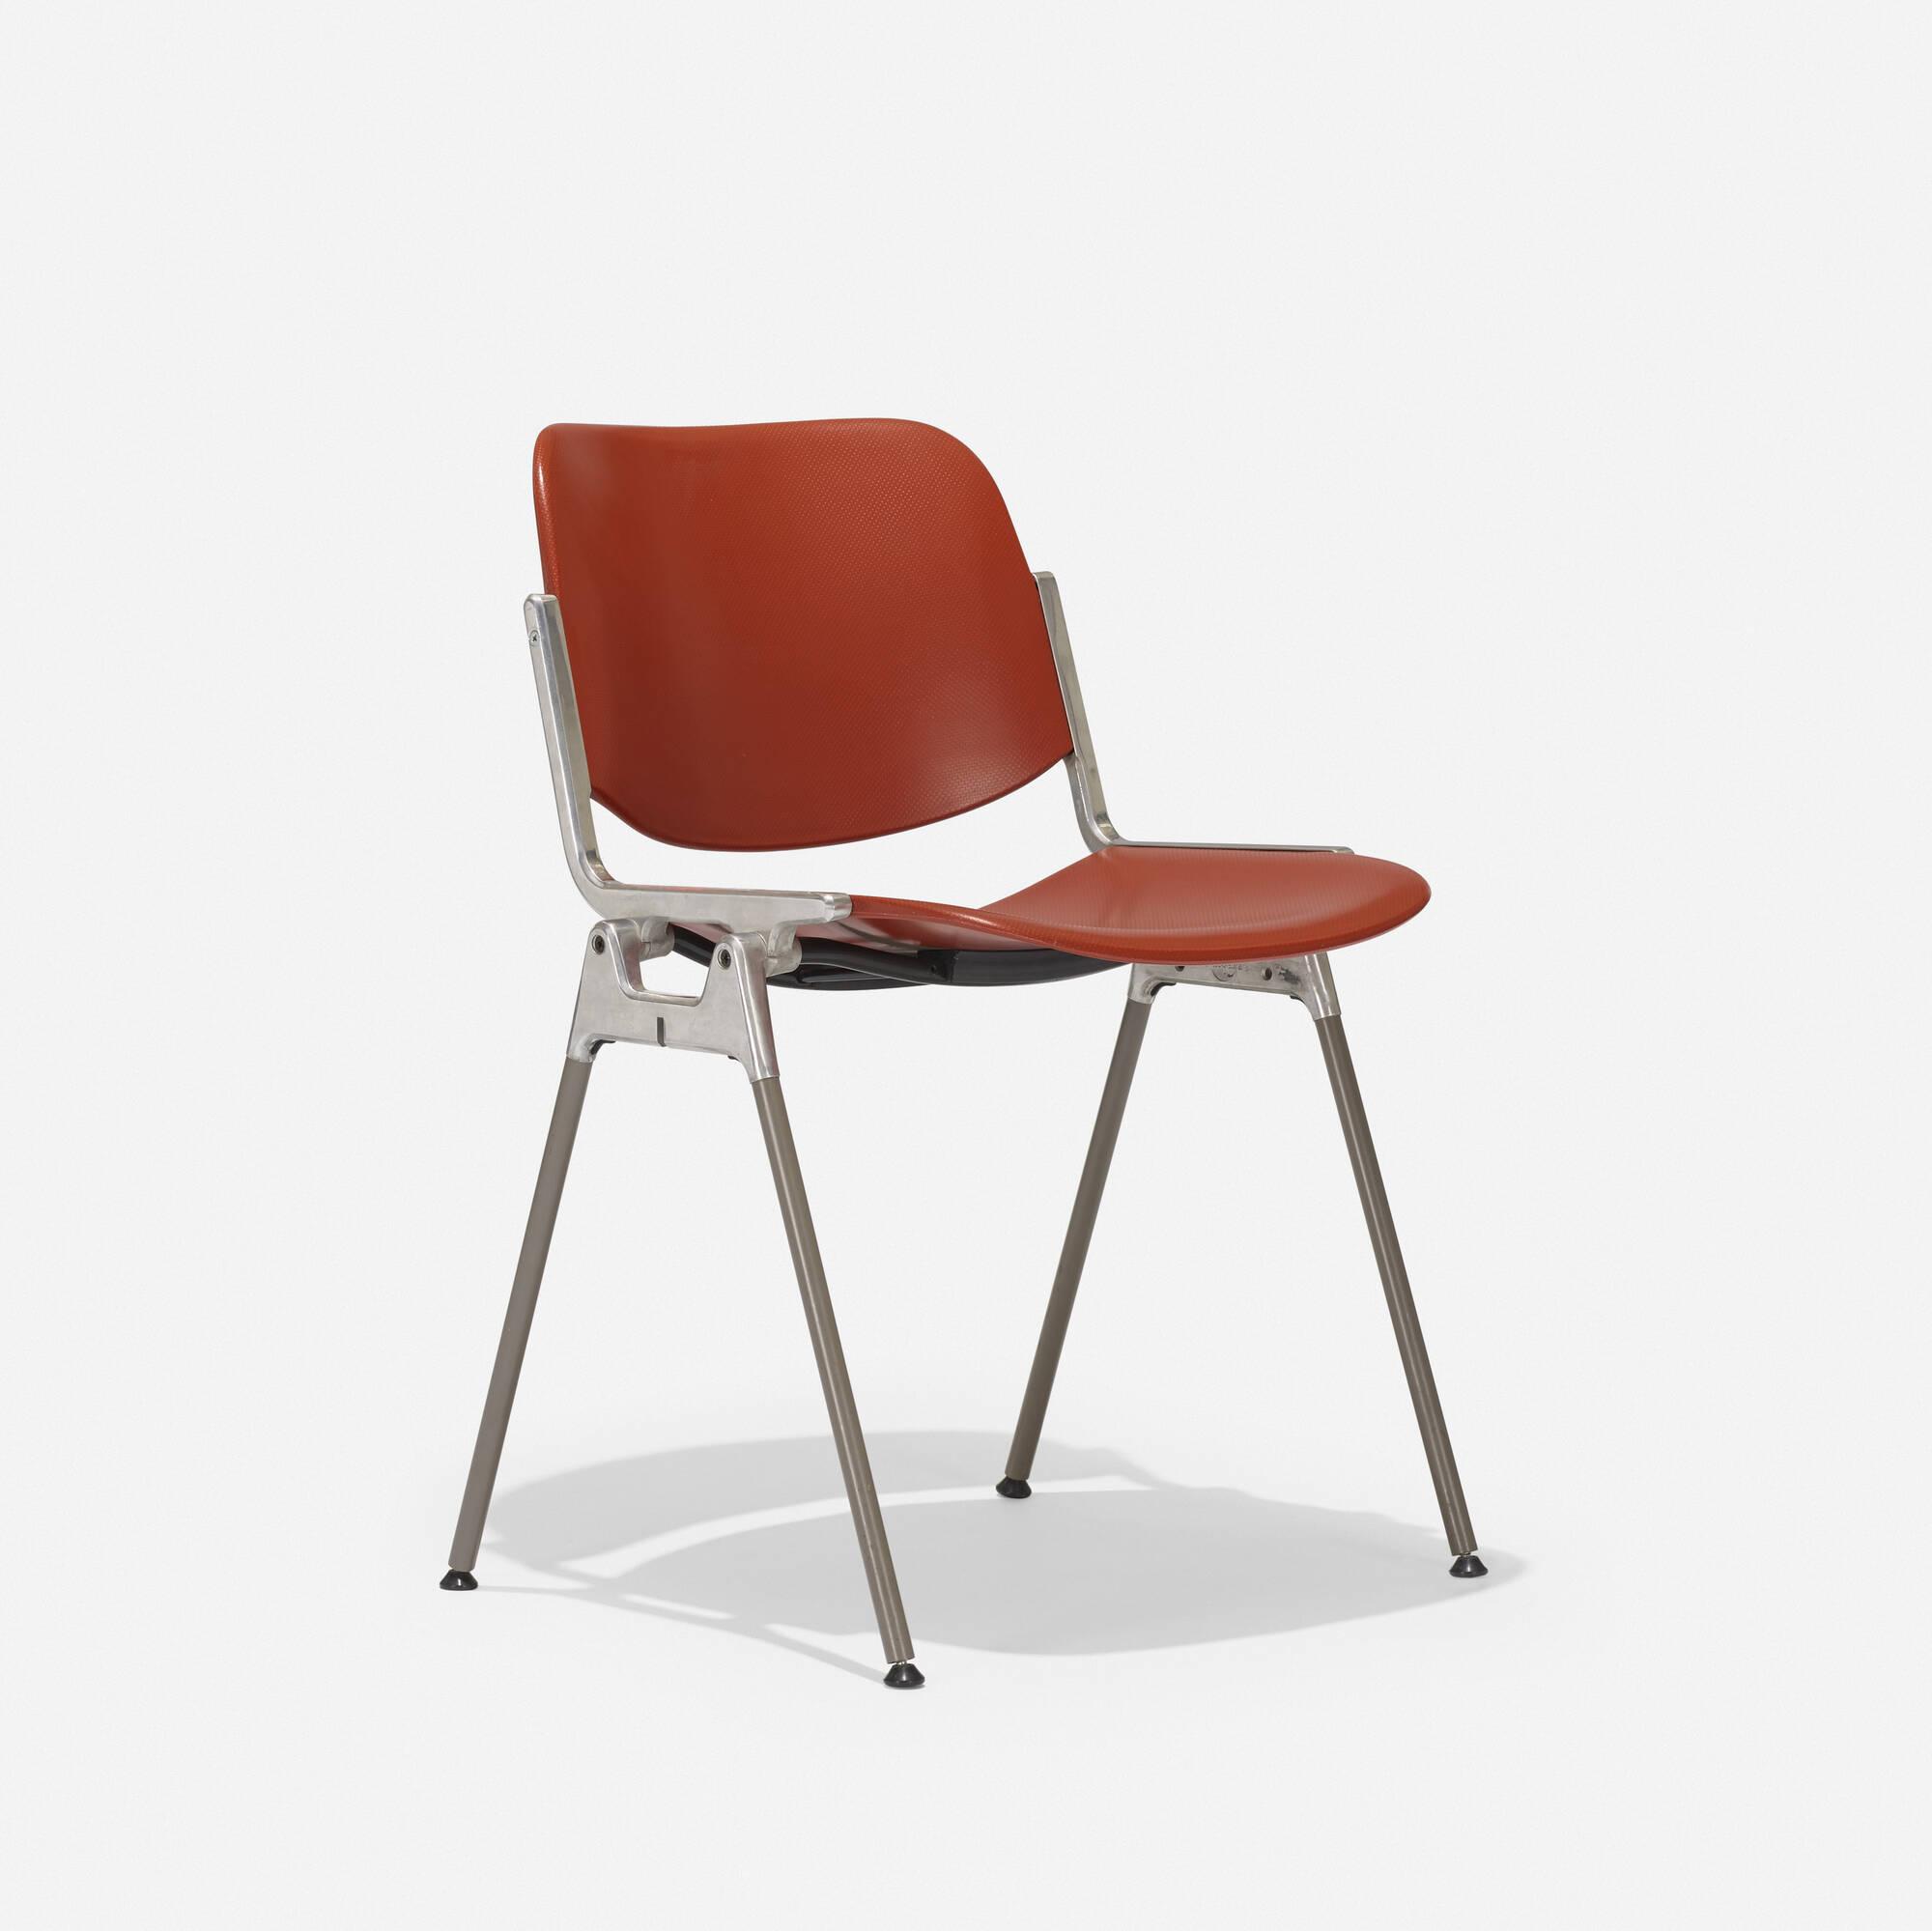 129: Giancarlo Piretti / DSC 106 chair (1 of 5)